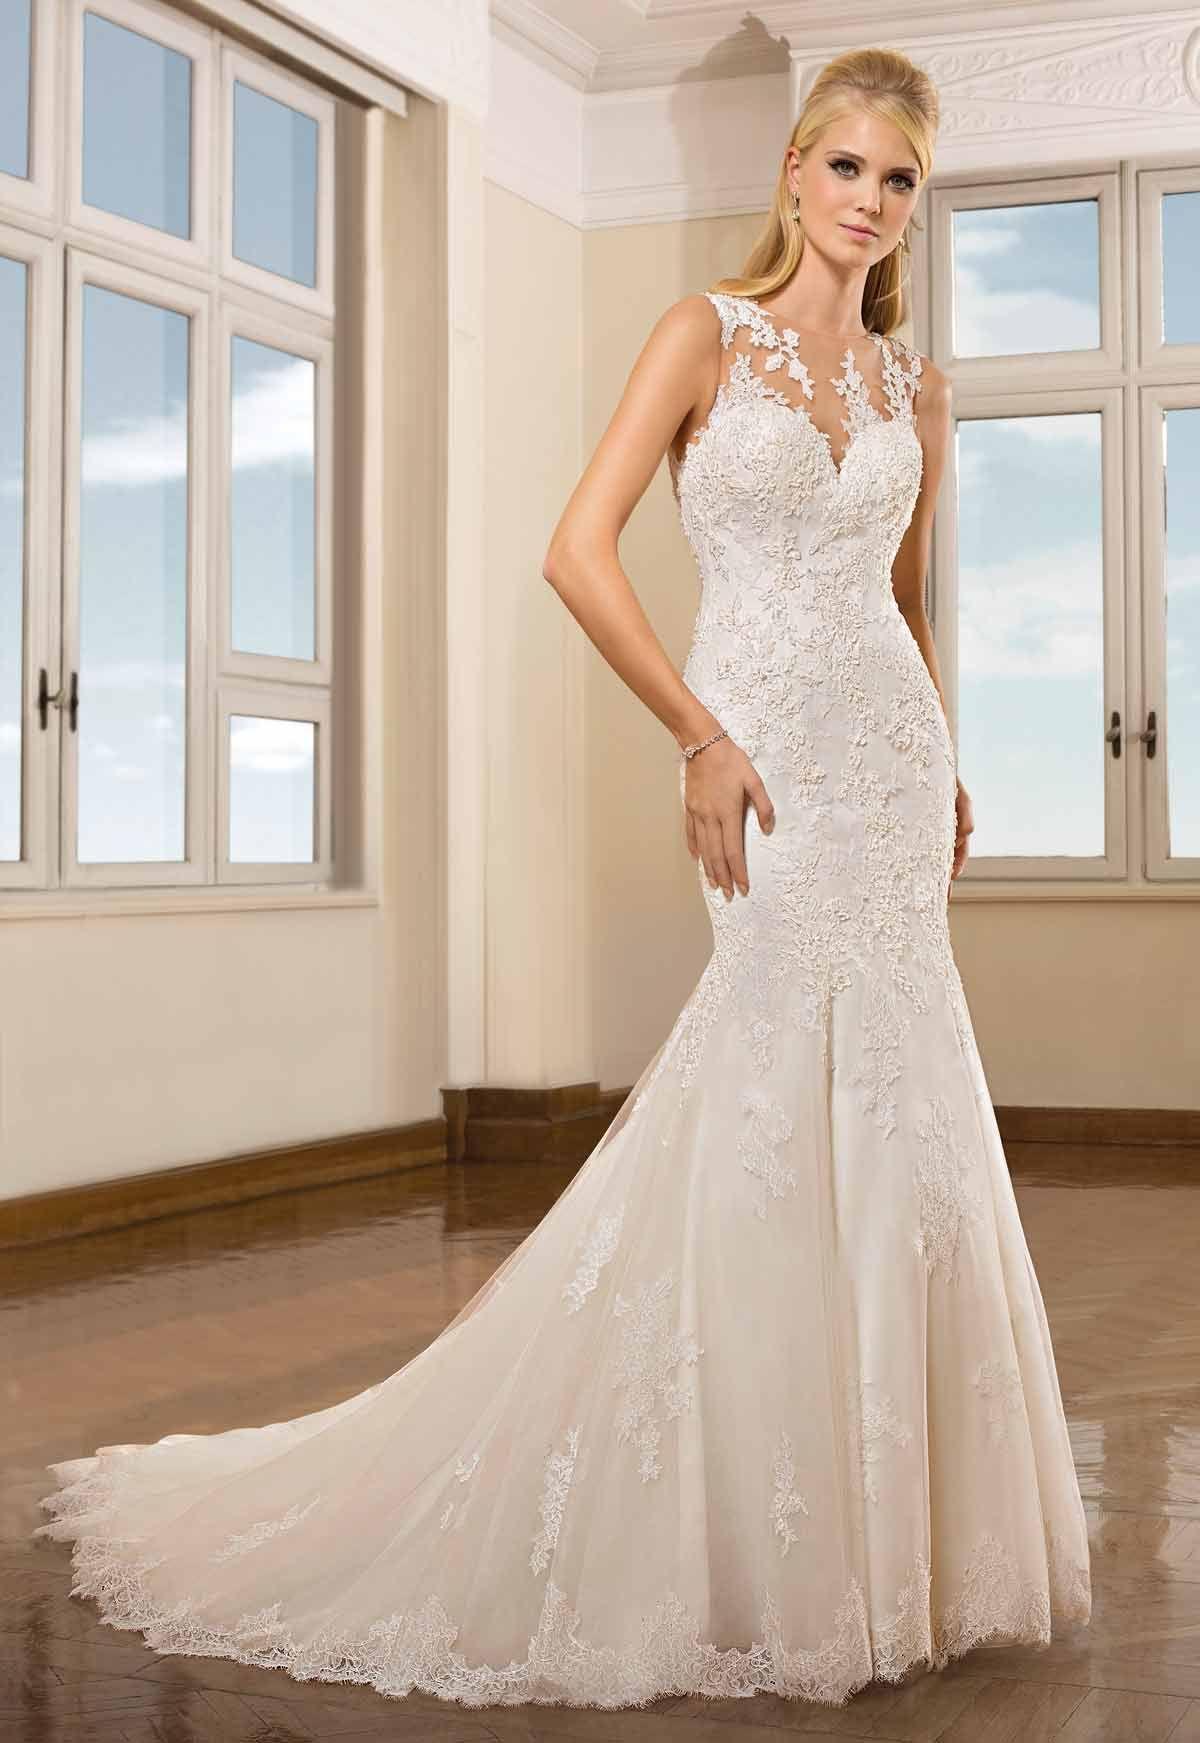 Tienda de vestidos de novia en Madrid de Cosmobella colección 2018 ...